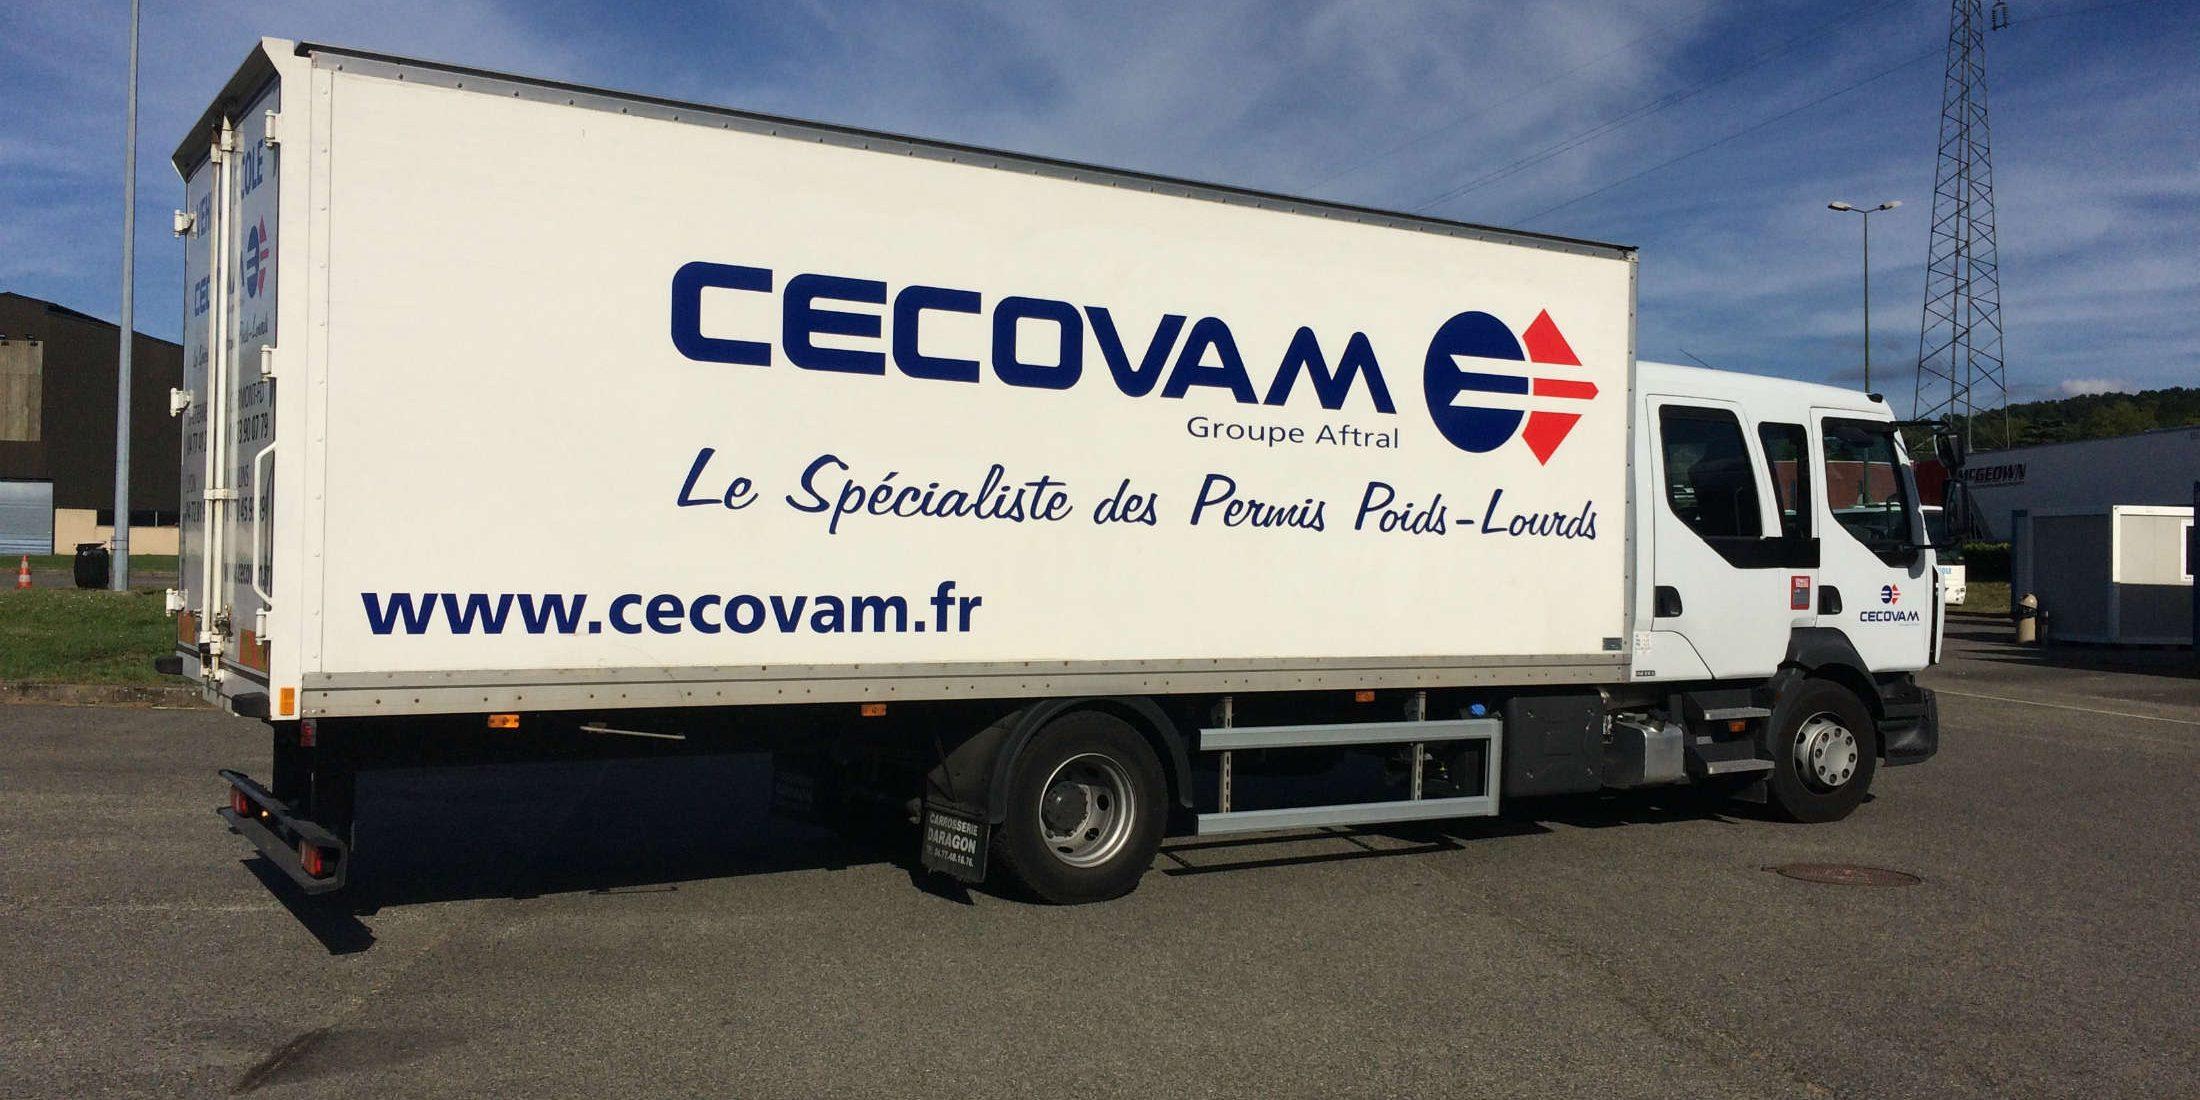 Cecovam spécialiste permis poids lourds C C1